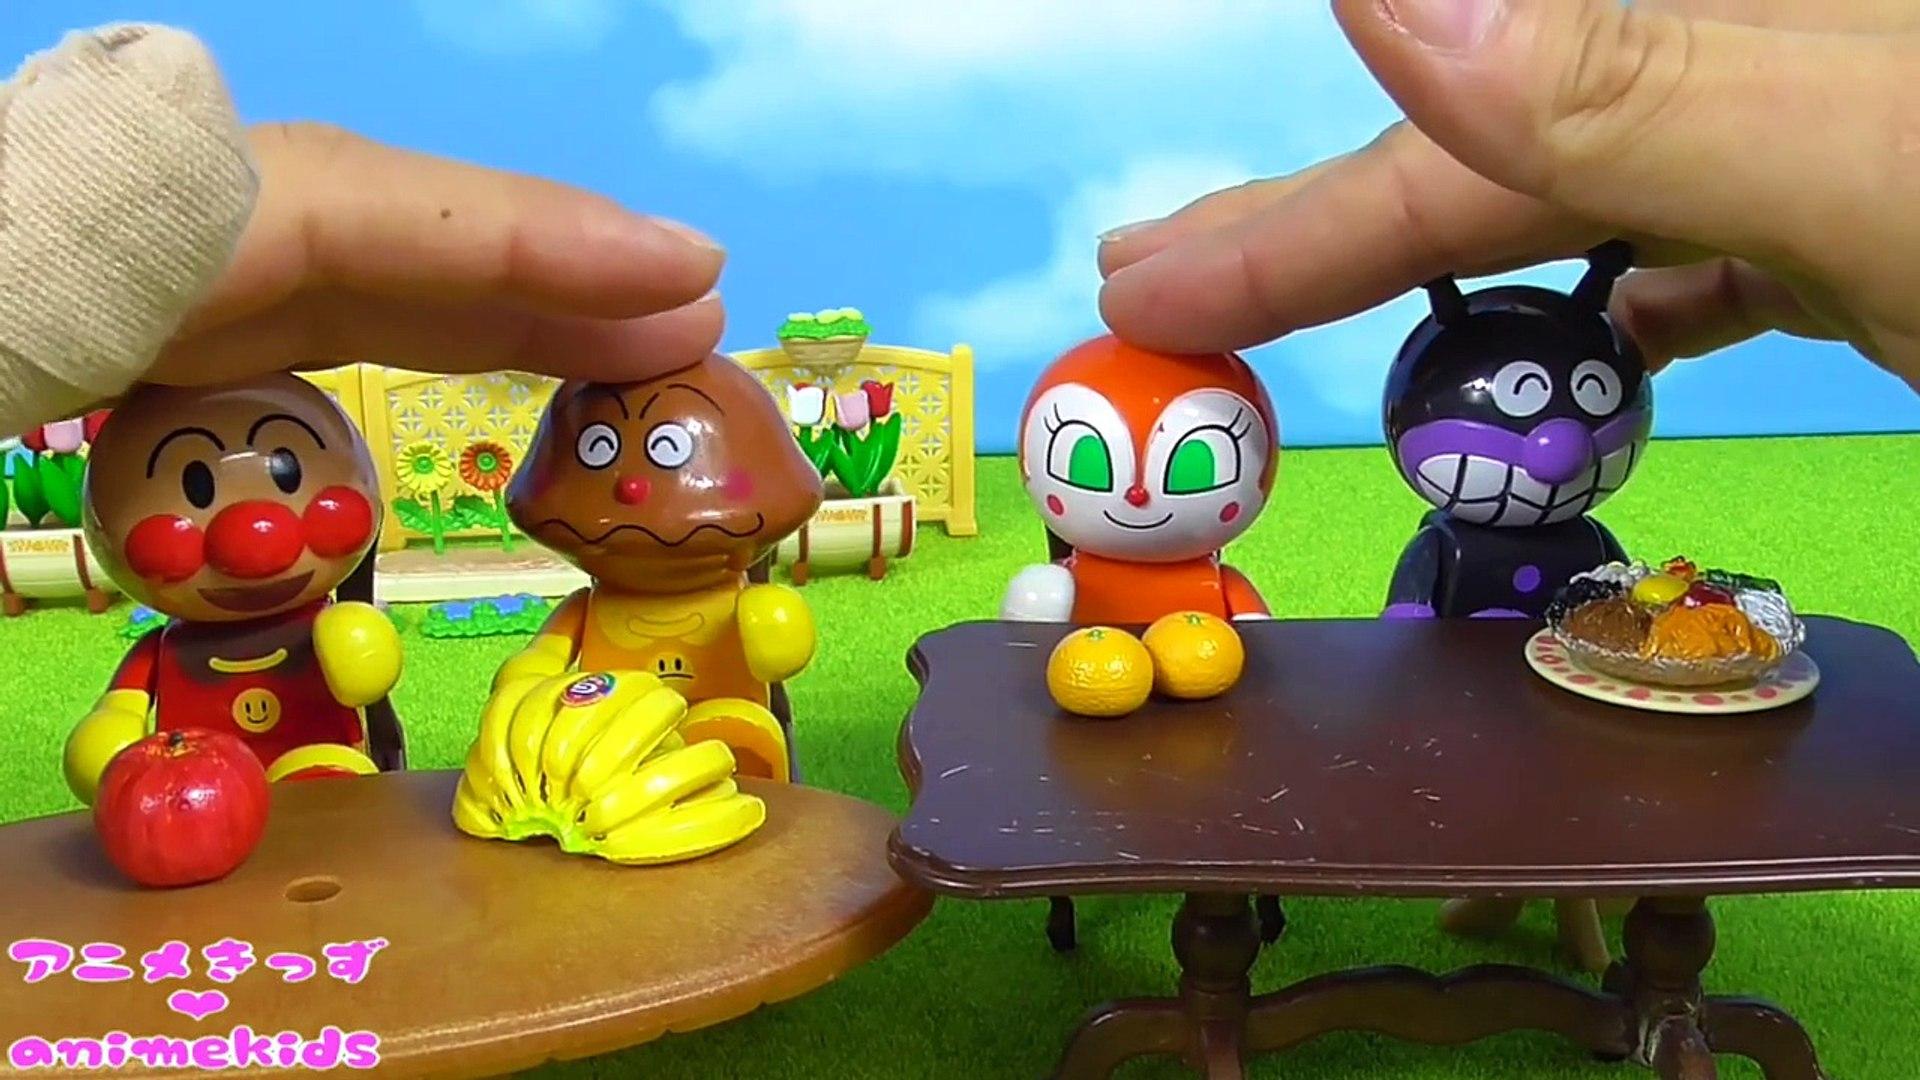 アンパンマン おもちゃ [A-N-M] うんち できるかな?[A-N-M]kids [A-N-M]きっず [A-N-M] Anpanman Toy vidéo